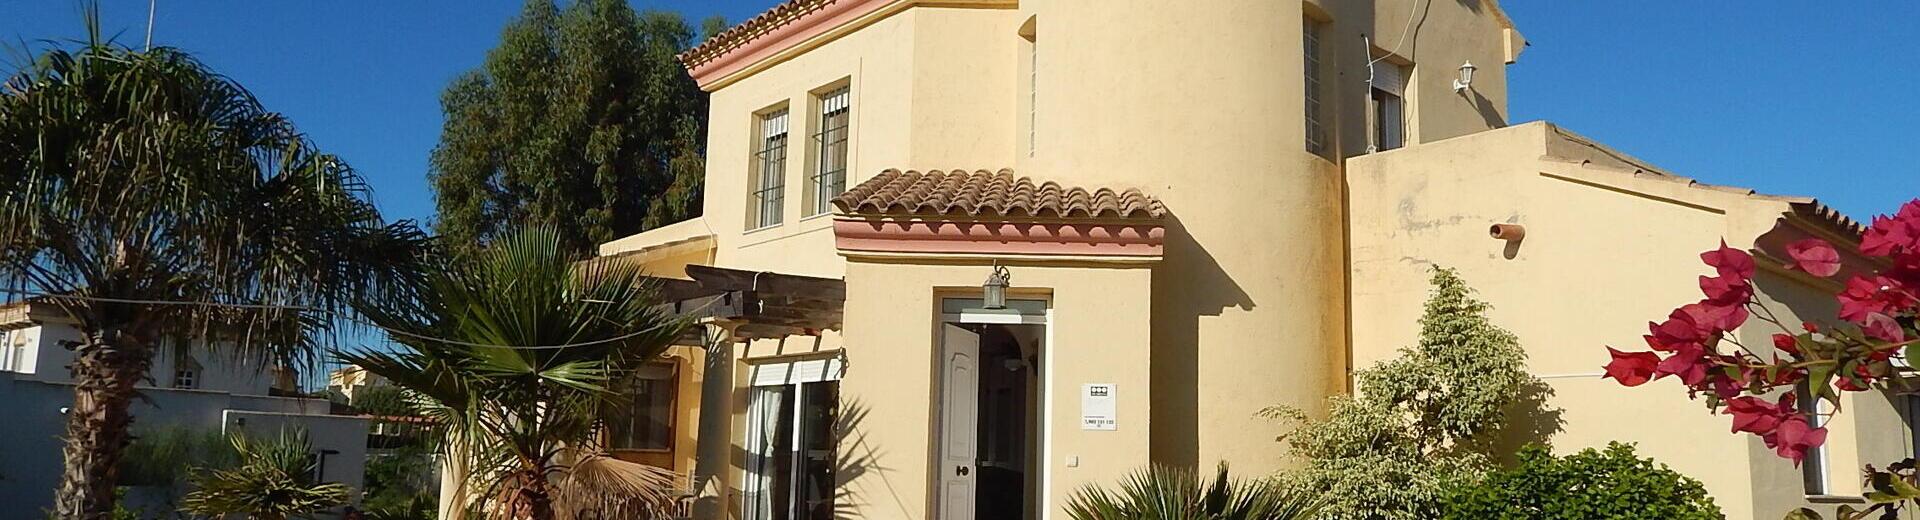 VIP7783 : Villa en Venta